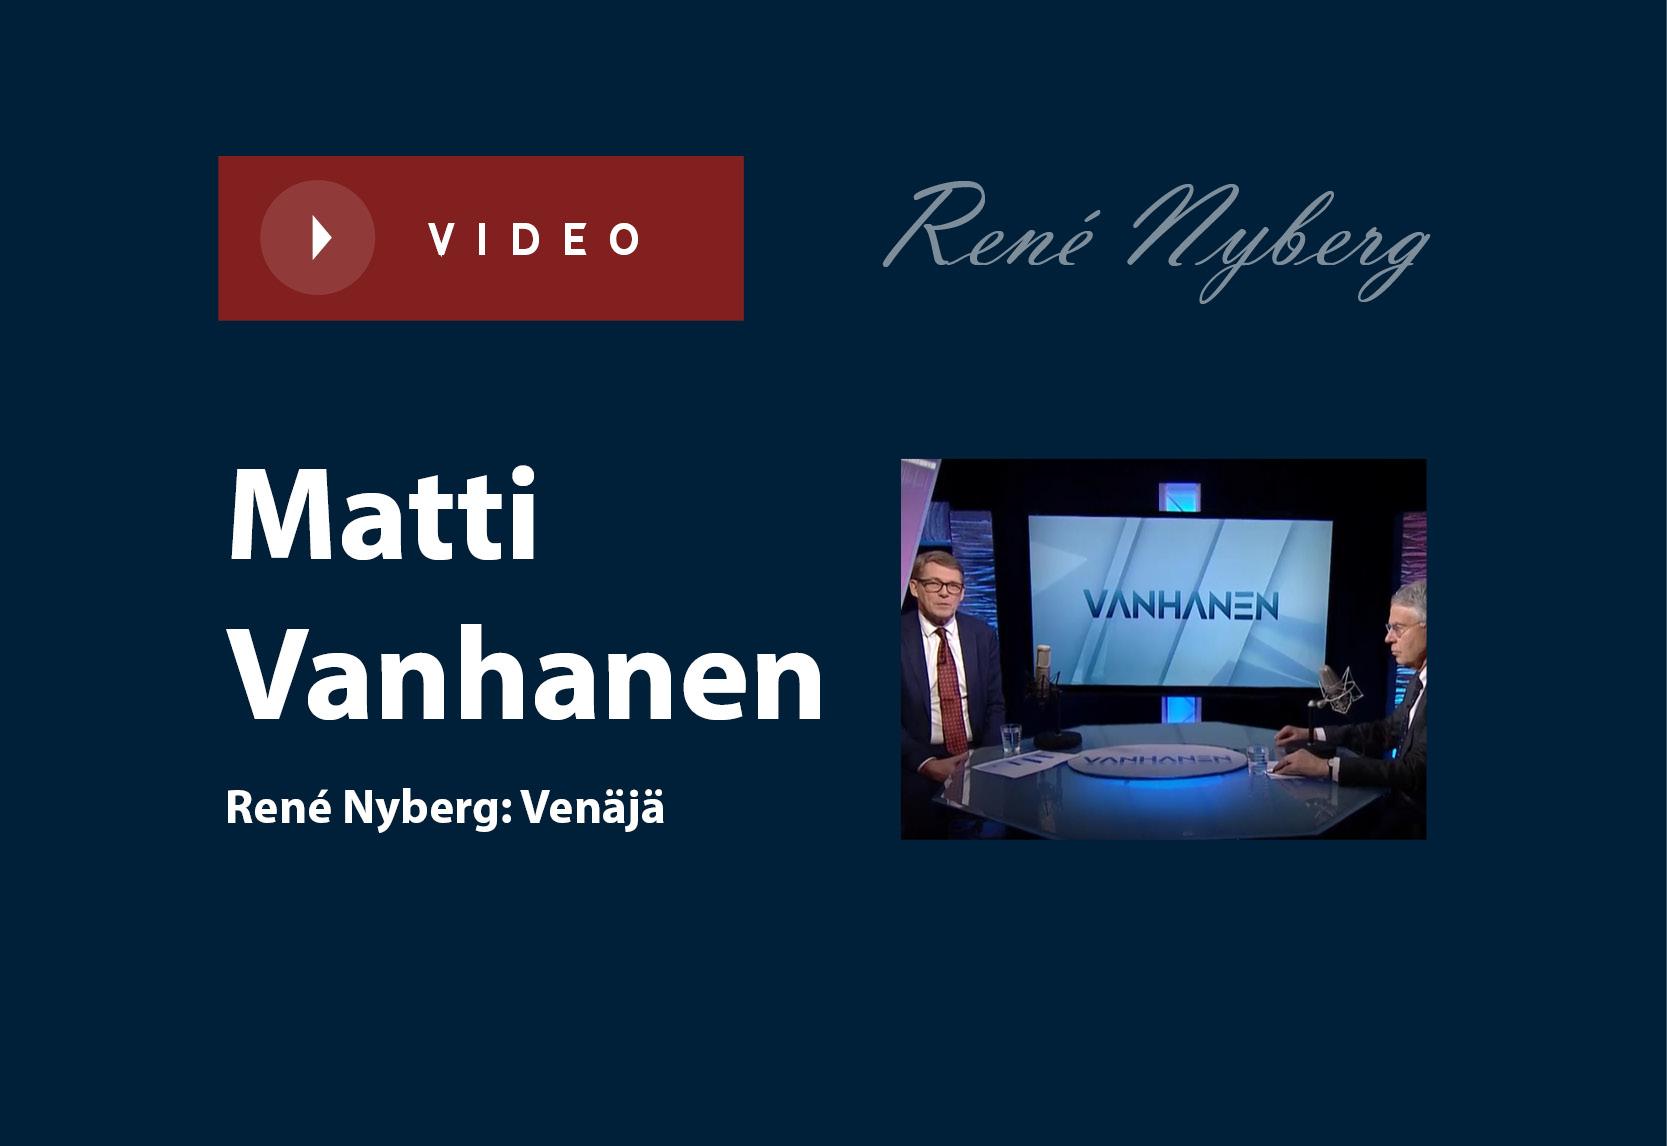 Matti Vanhanen – René Nyberg: Venäjä